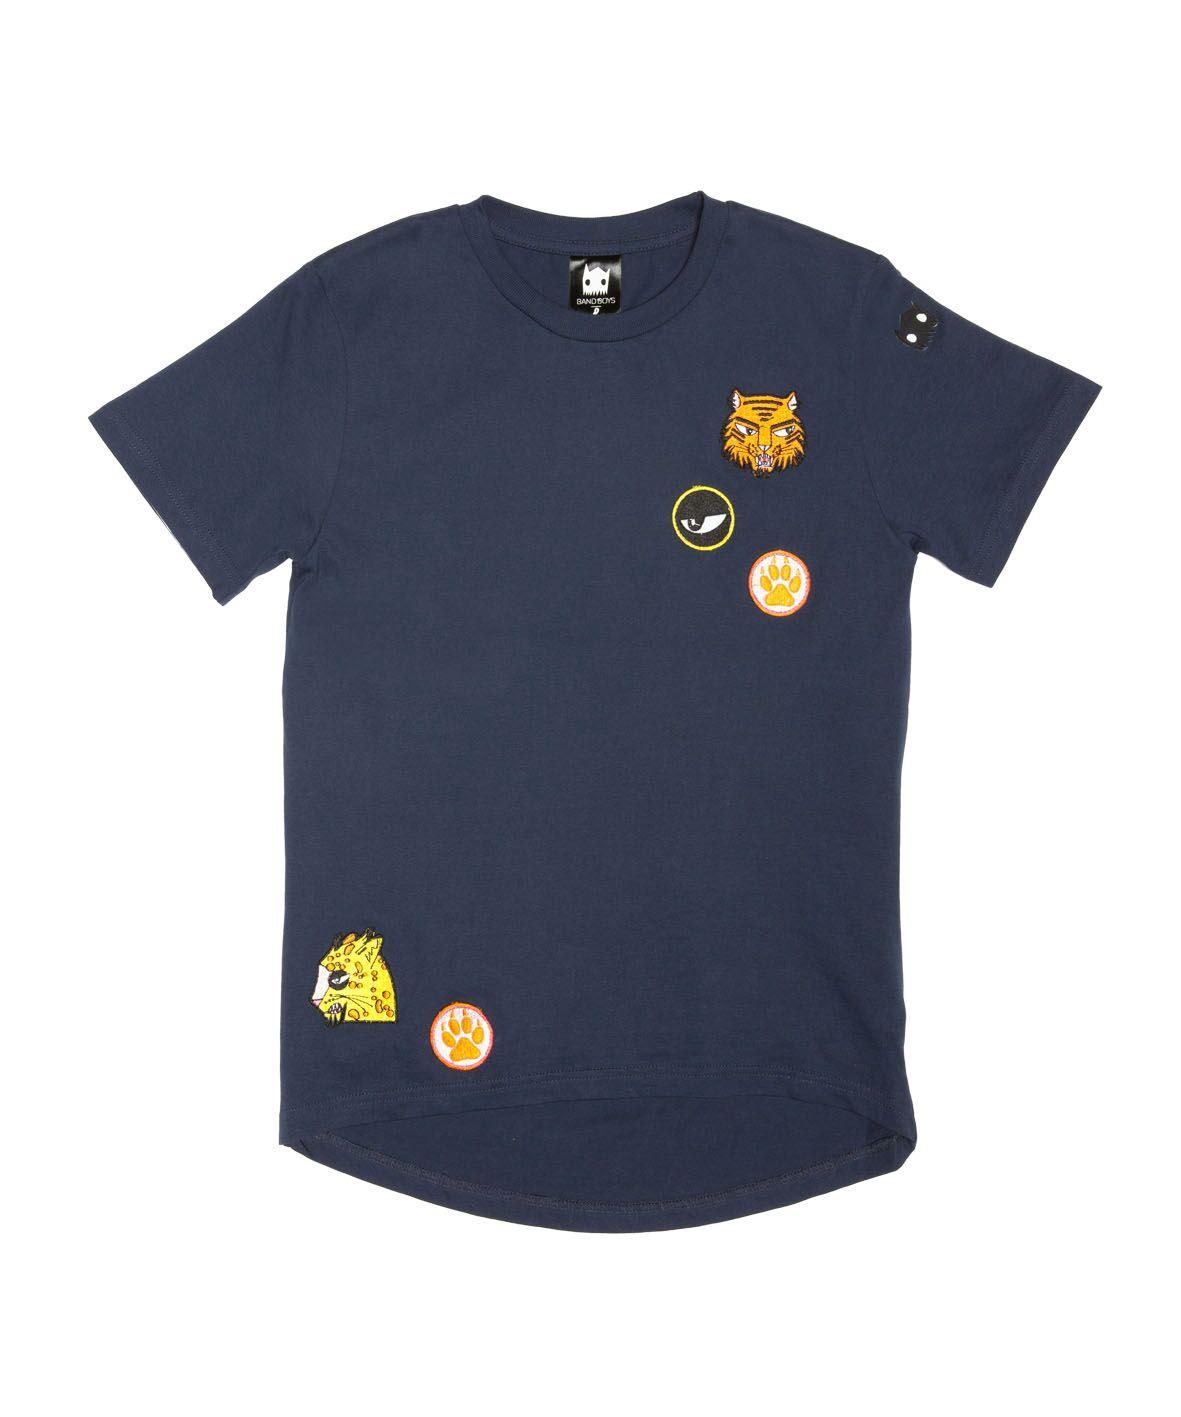 BOB Cat Badges Scoop Back Tee